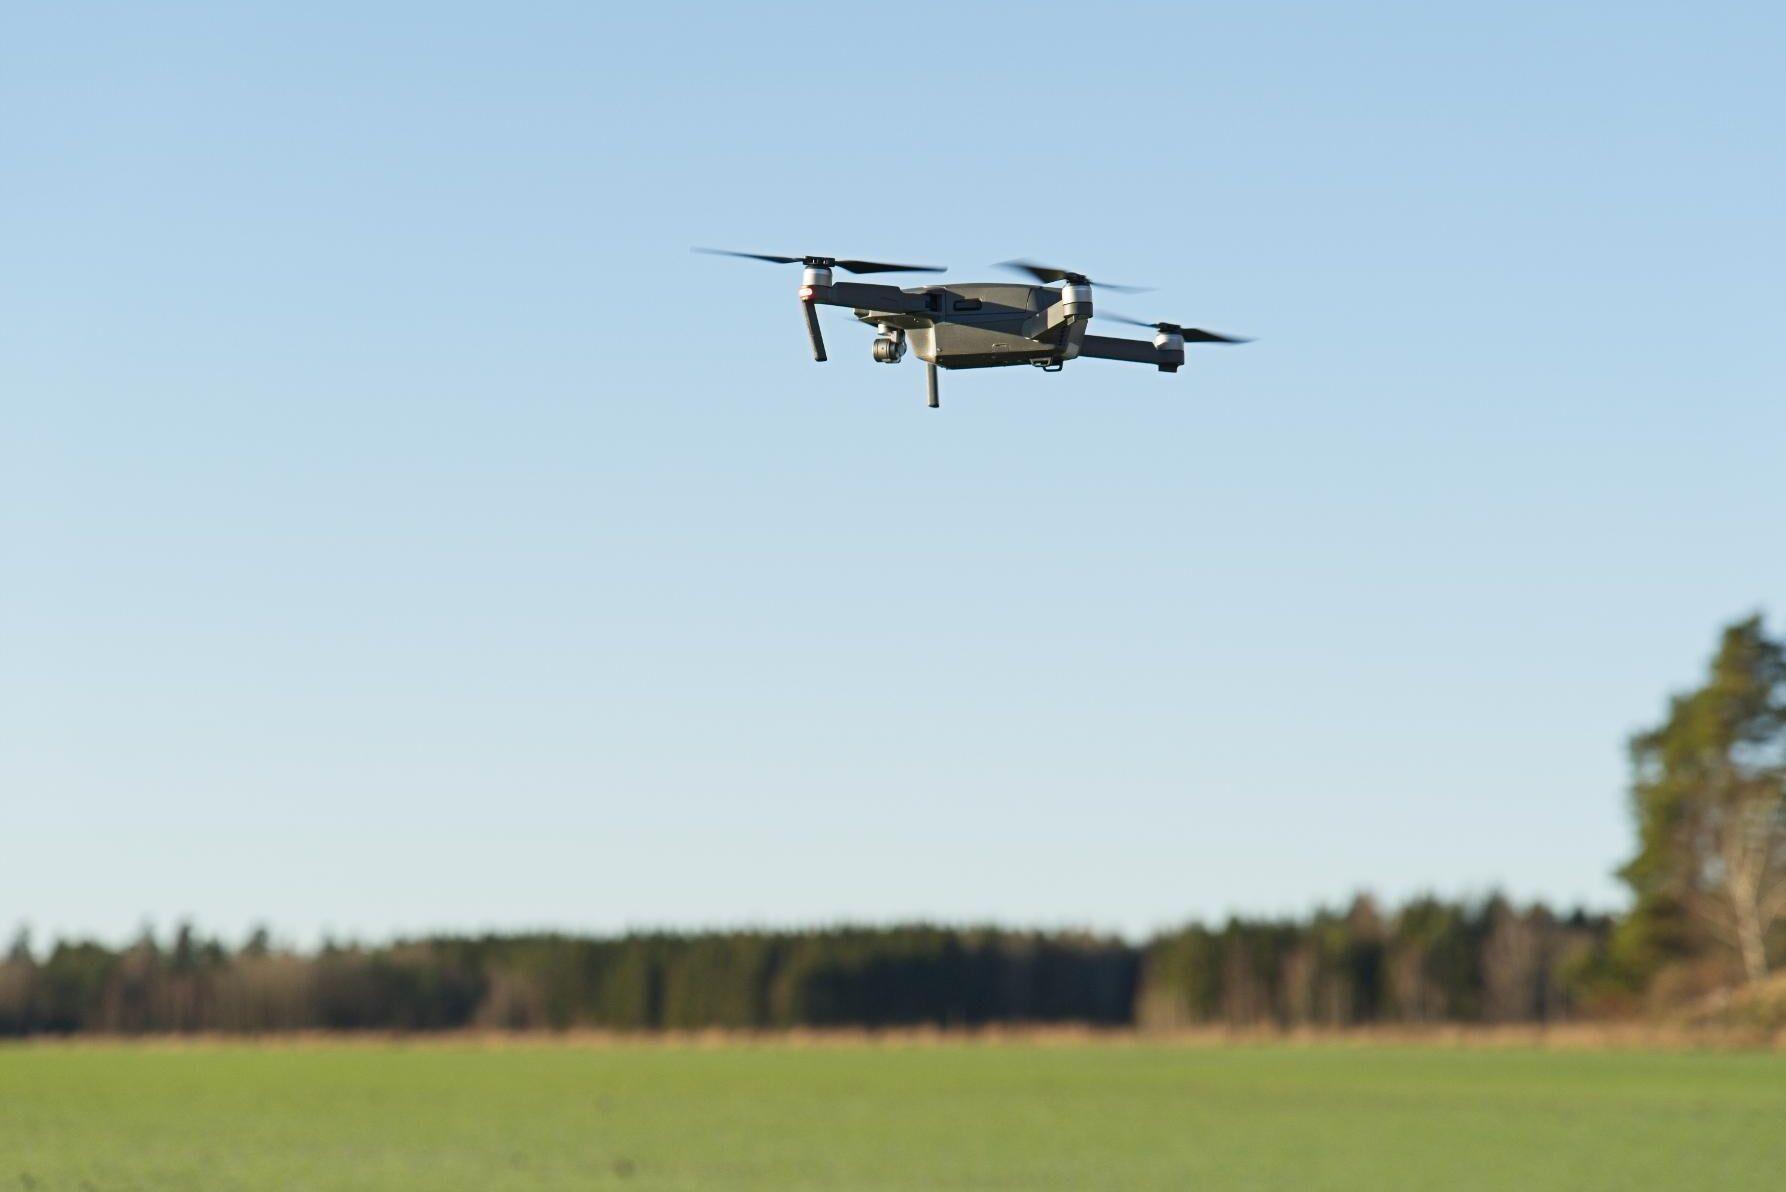 Var observant om du tar en flygbild som avbildar horisonten. Det här fotografiet på drönaren har tagits med en vanlig kamera från marken och omfattas därmed inte av reglerna men så fort kameran är uppe i luften gäller regelverket.